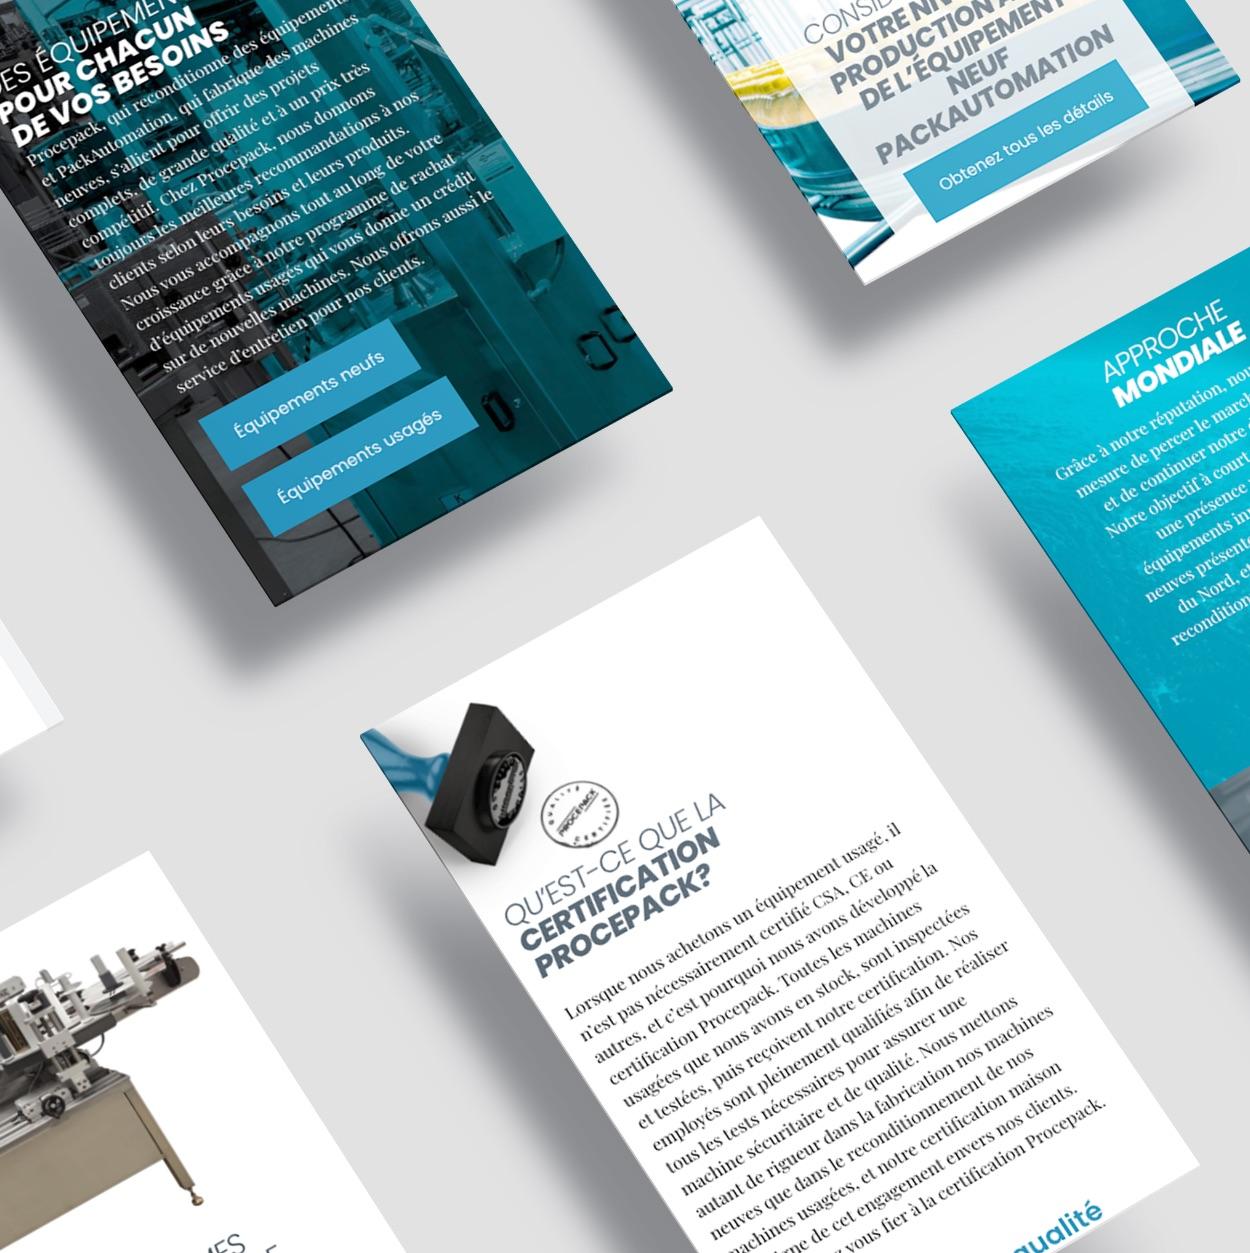 Design adaptatif sur appareils mobiles | Site Web réactif